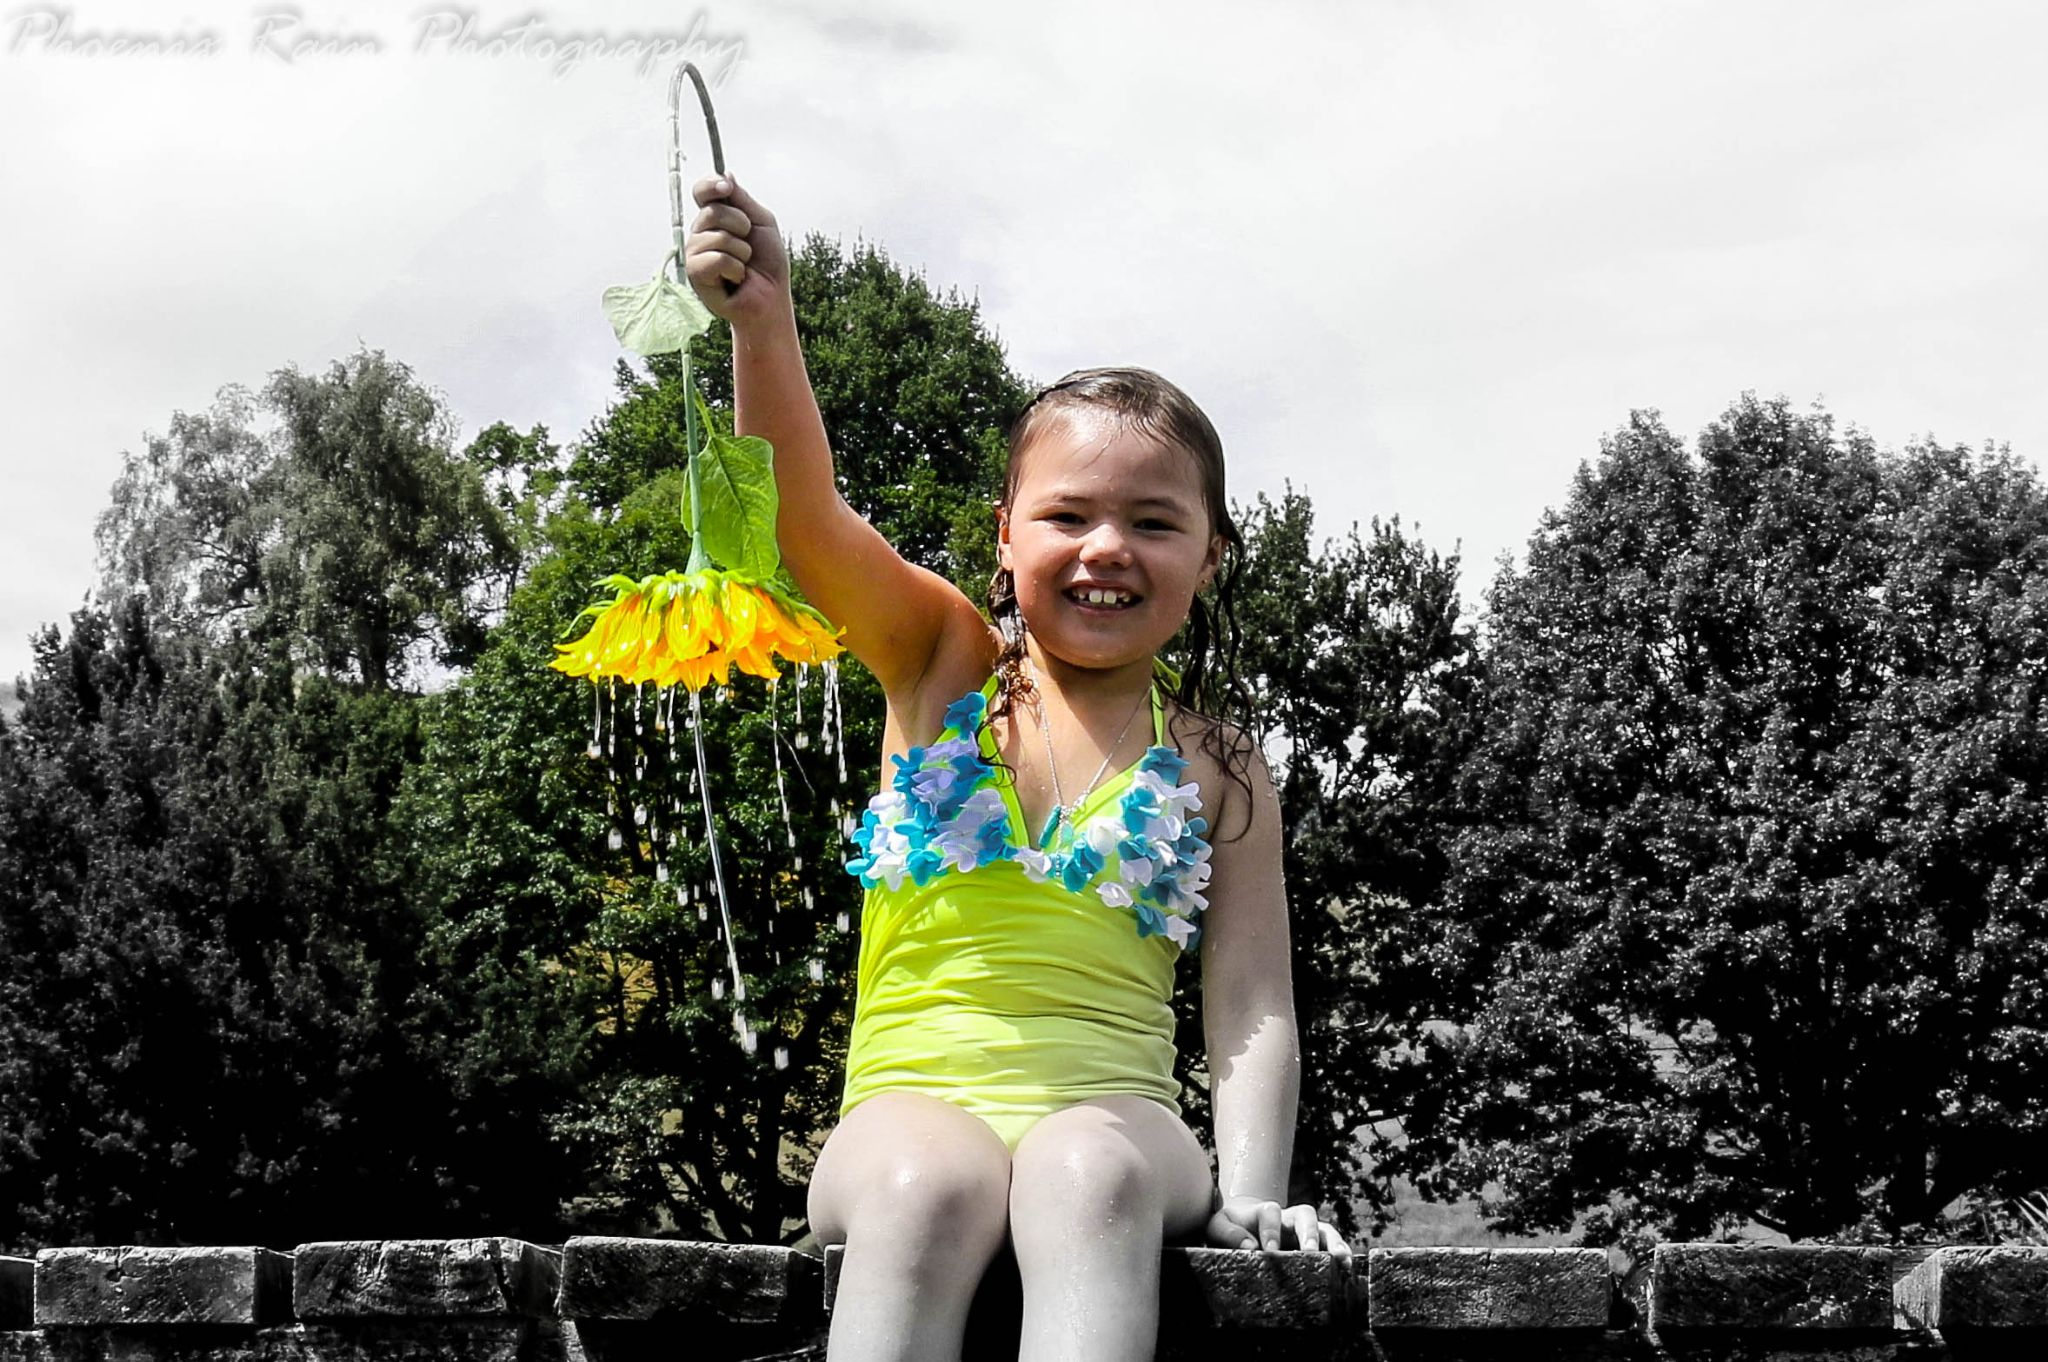 Sunflower happiness by Phoenix Rain